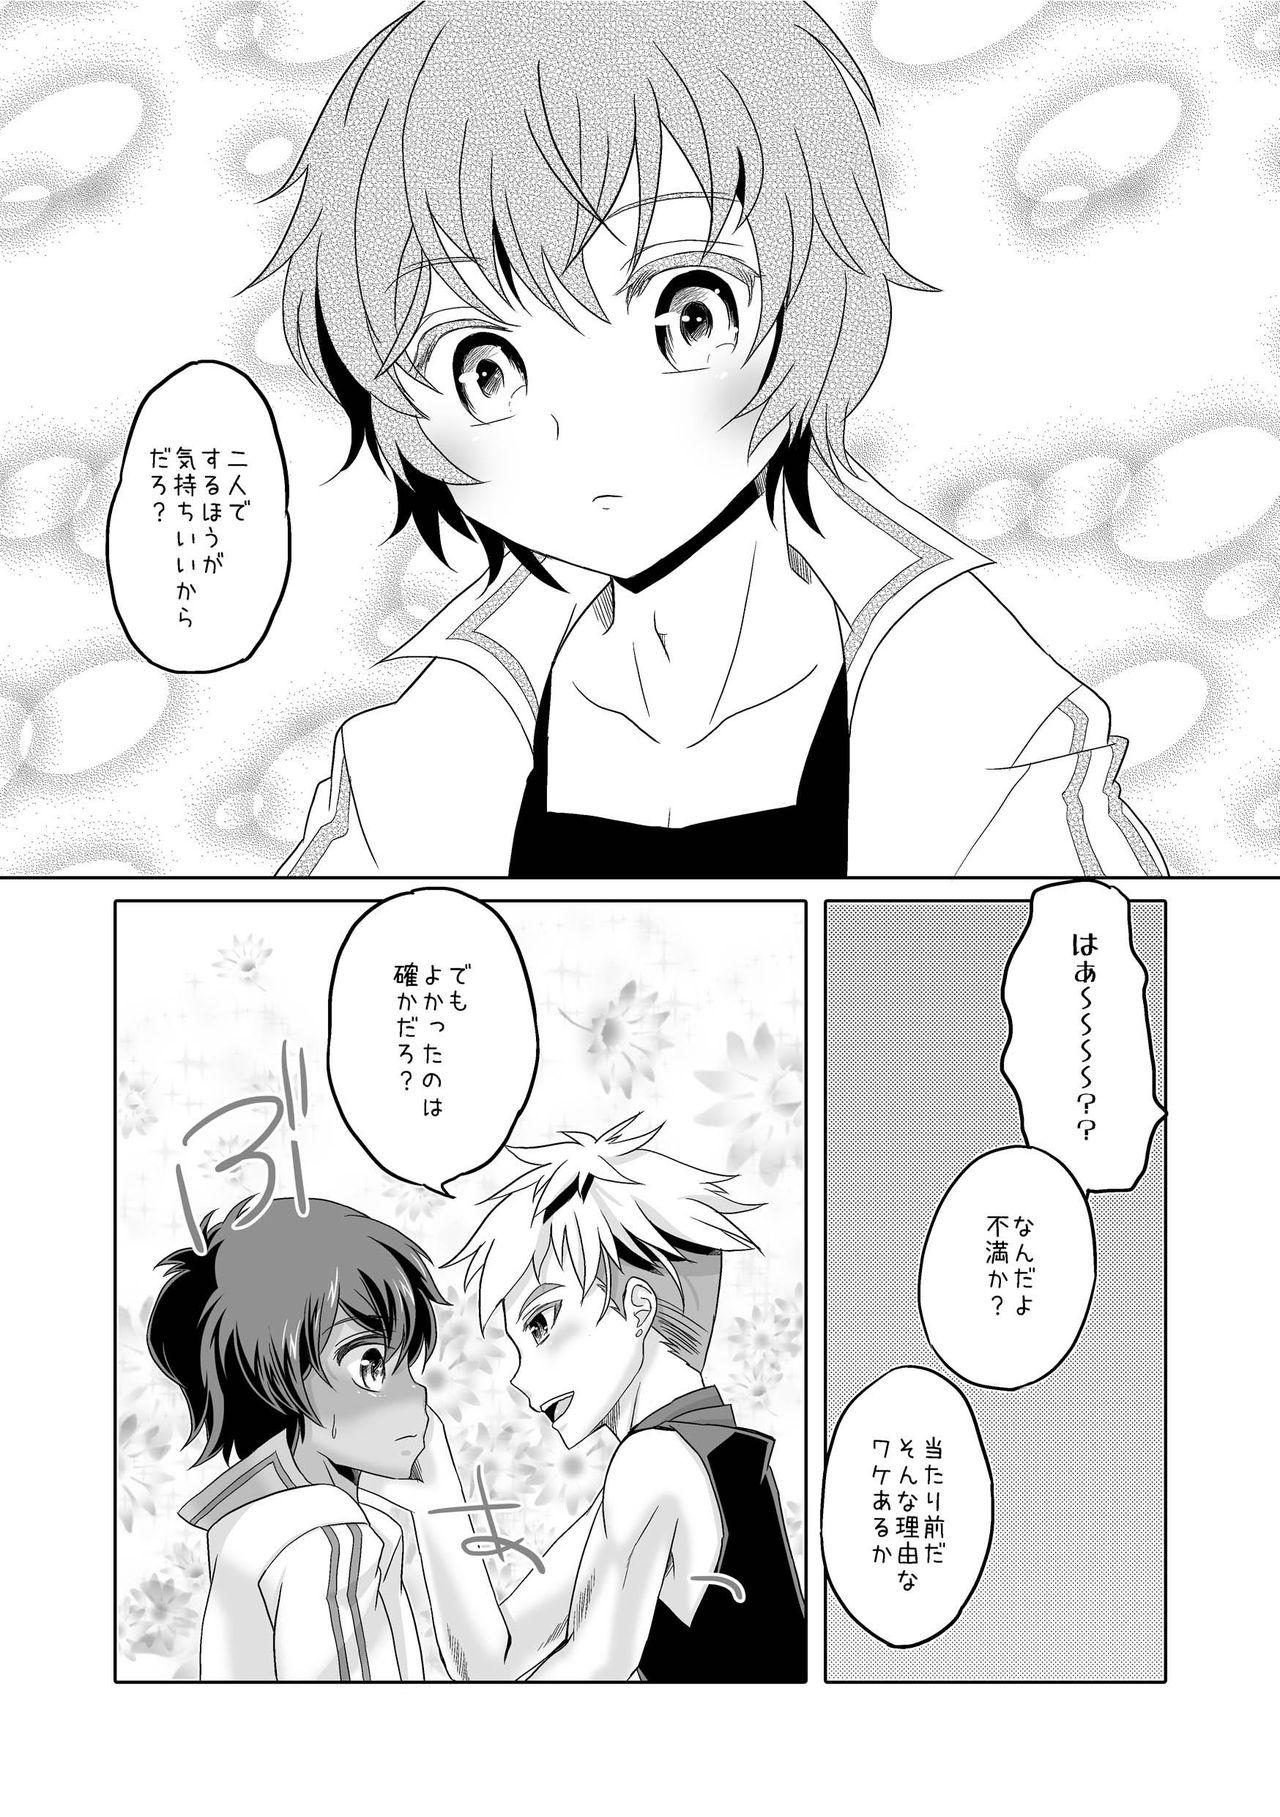 Kimi to Ikusen no Yoru o Sugosou 20